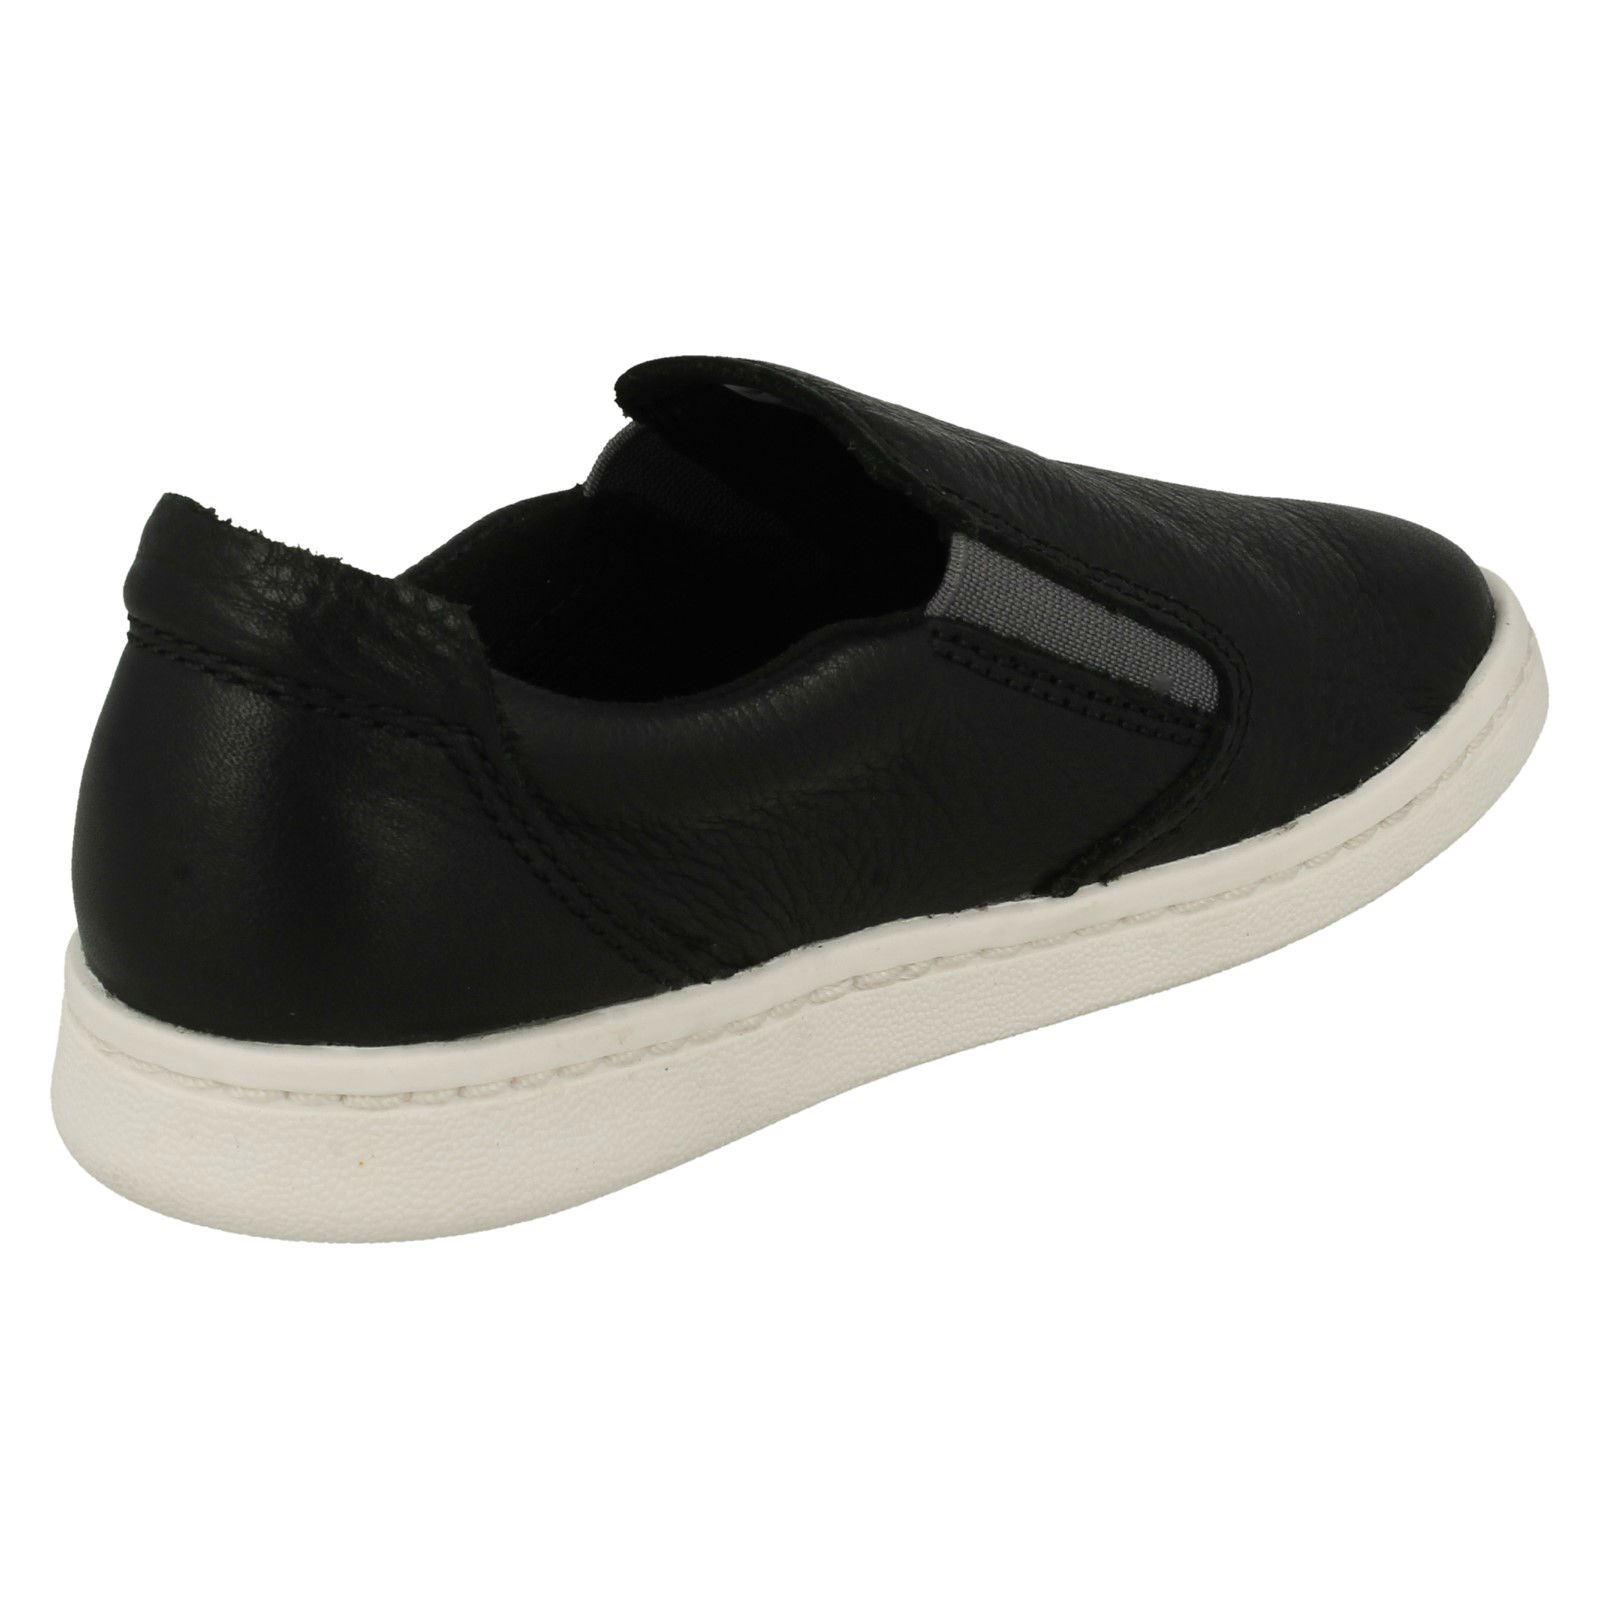 Zapatillas cordones Verve Clarks niños estilo estilo Street Zapatos Black callejero sin para de con r51xnqrwT7